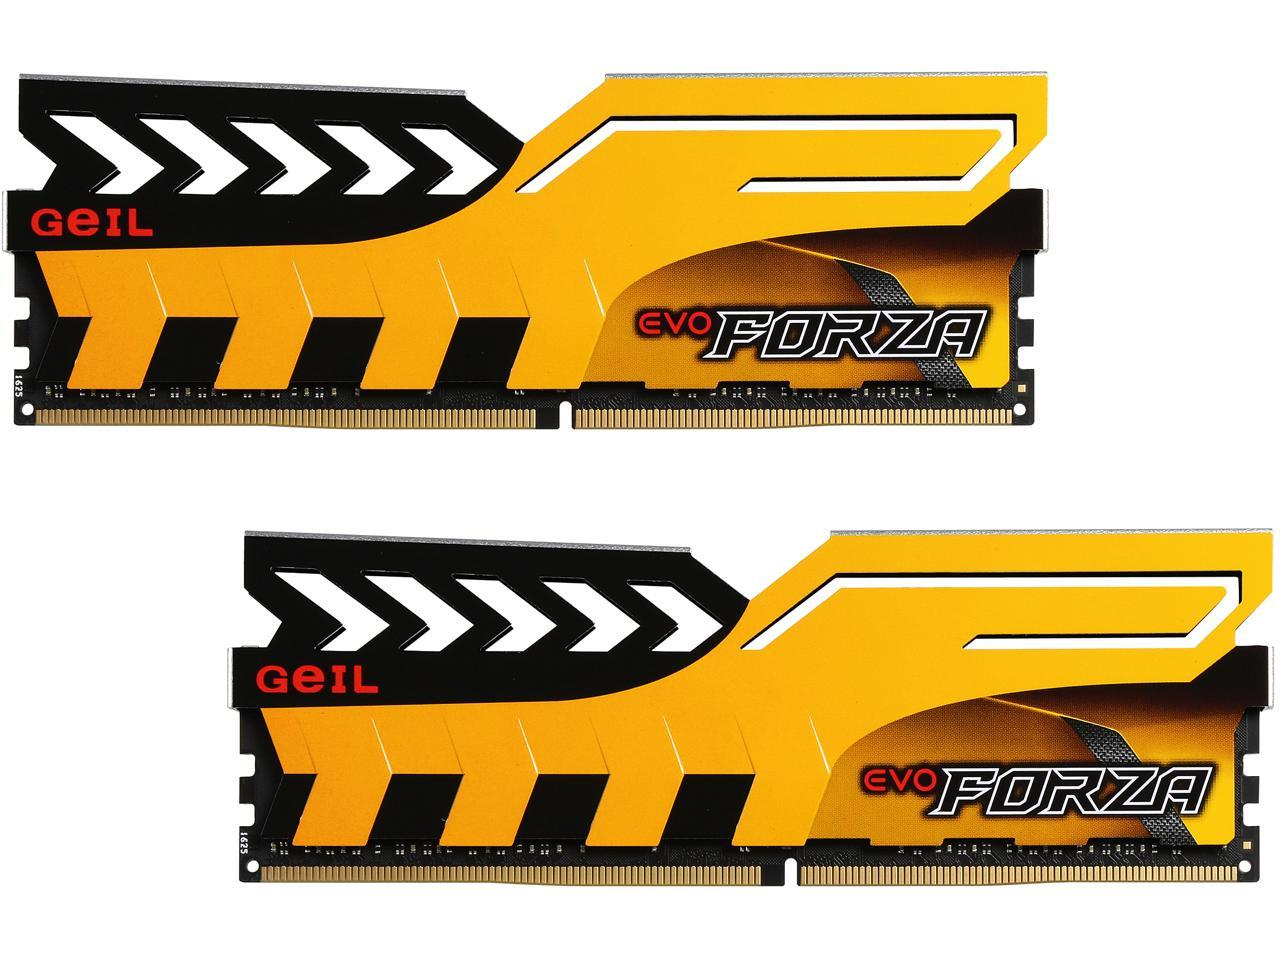 GeIL EVO FORZA DC 16GB (2 x 8GB) PC4-19200 2400MHz SDRAM 288-Pin SDRAM Desktop Memory (Yellow)